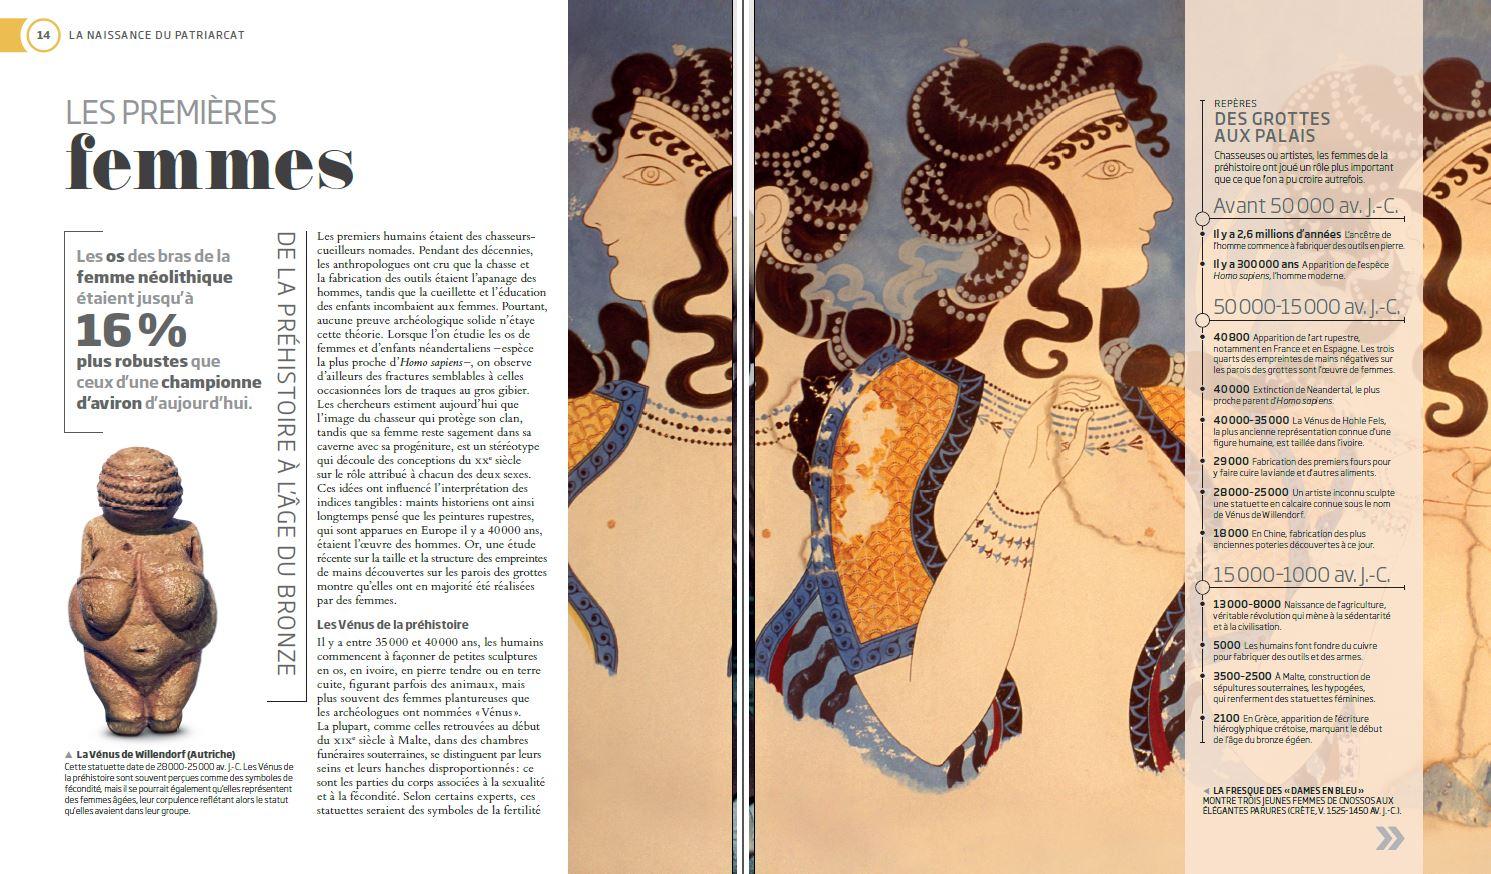 Aperçu (pp. 14-15)